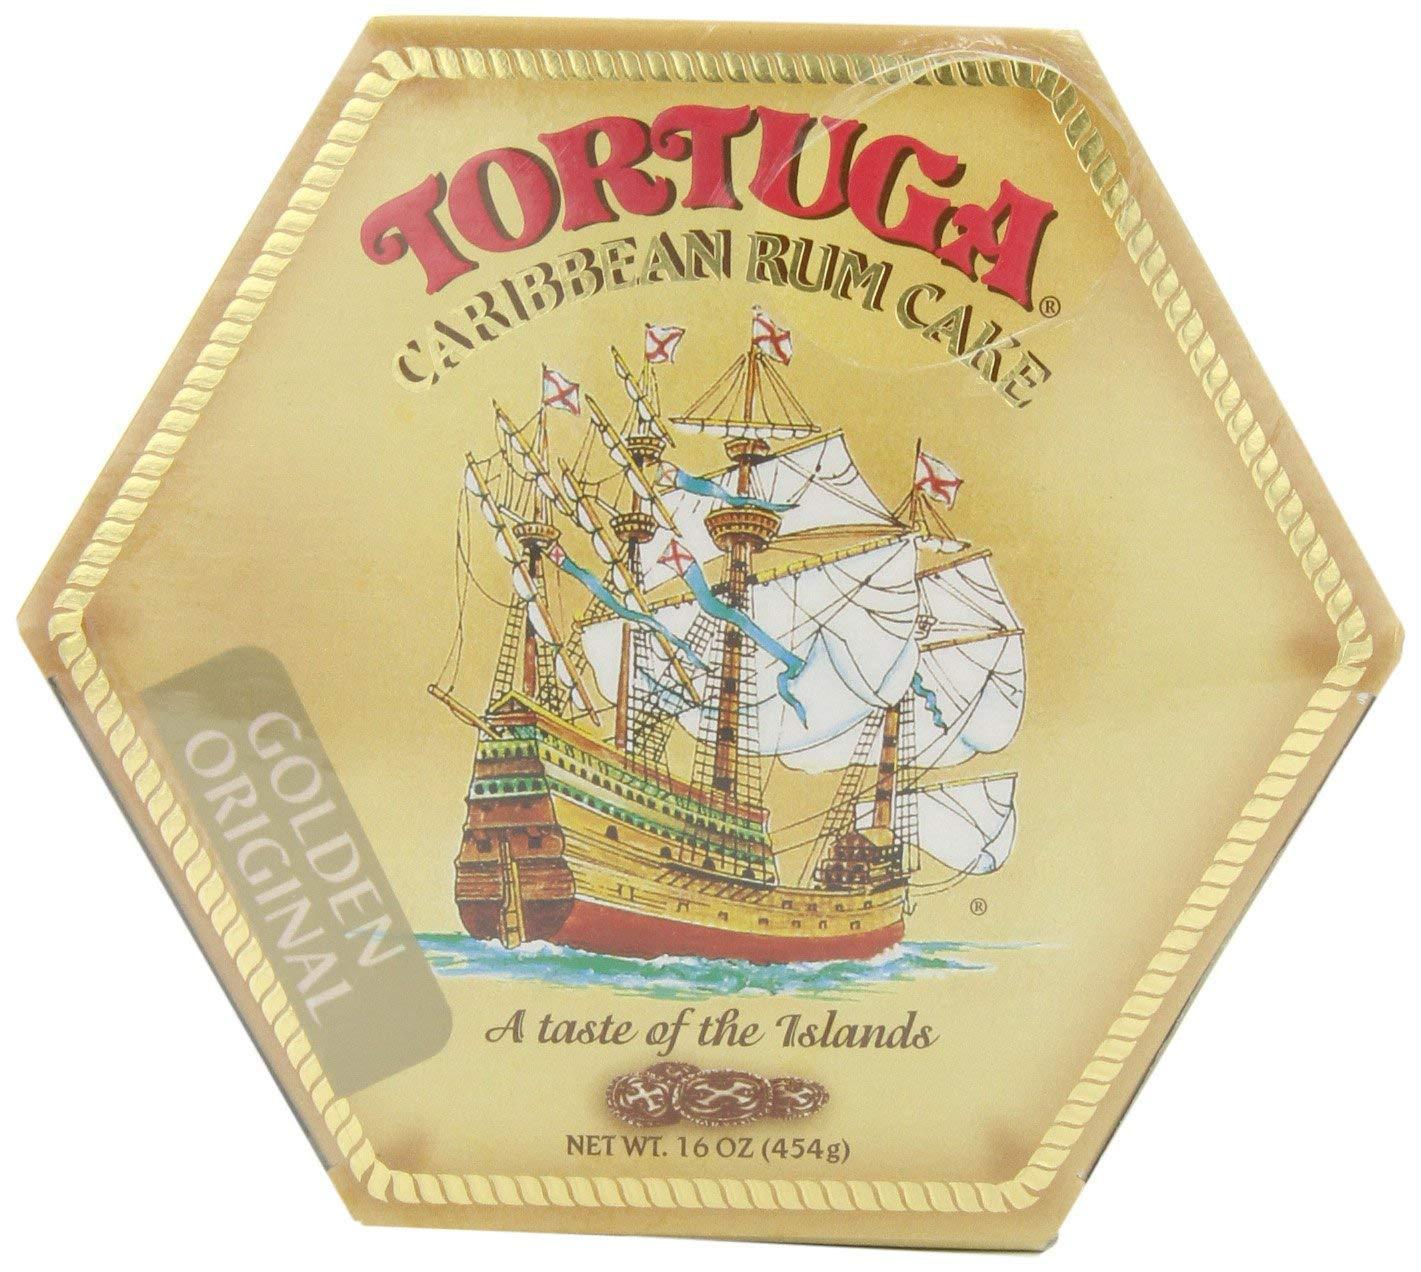 Tortuga Original Caribbean Rum Cake, 16-Ounce Cake (Pack of 4) by Tortuga (Image #2)